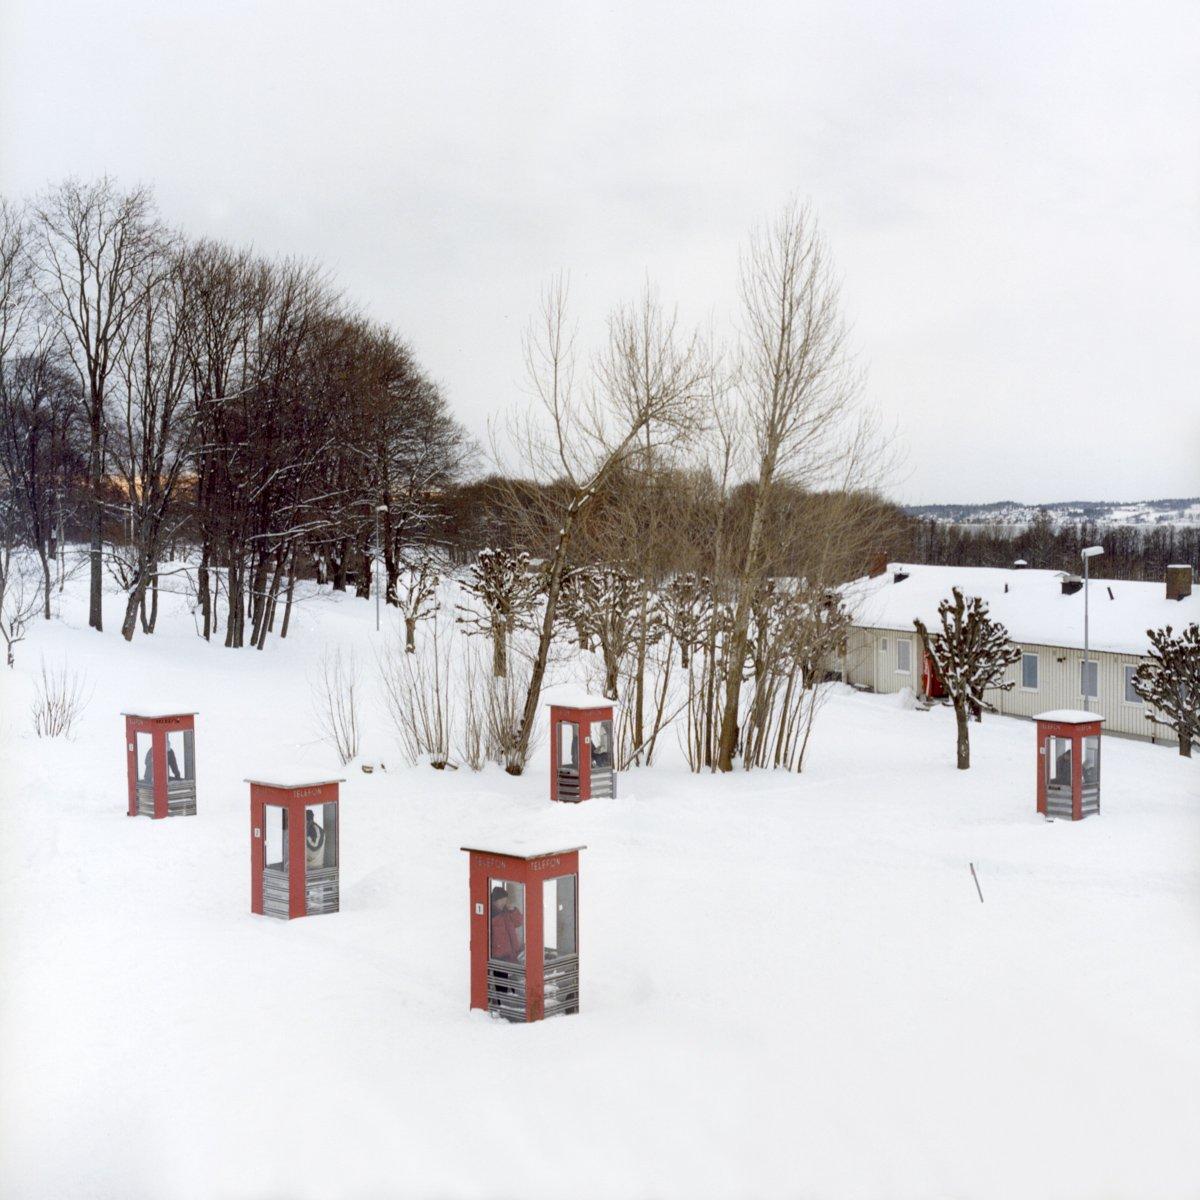 Prisão da Noruega para criminosos violentos parece mais uma colônia de fêrias 14